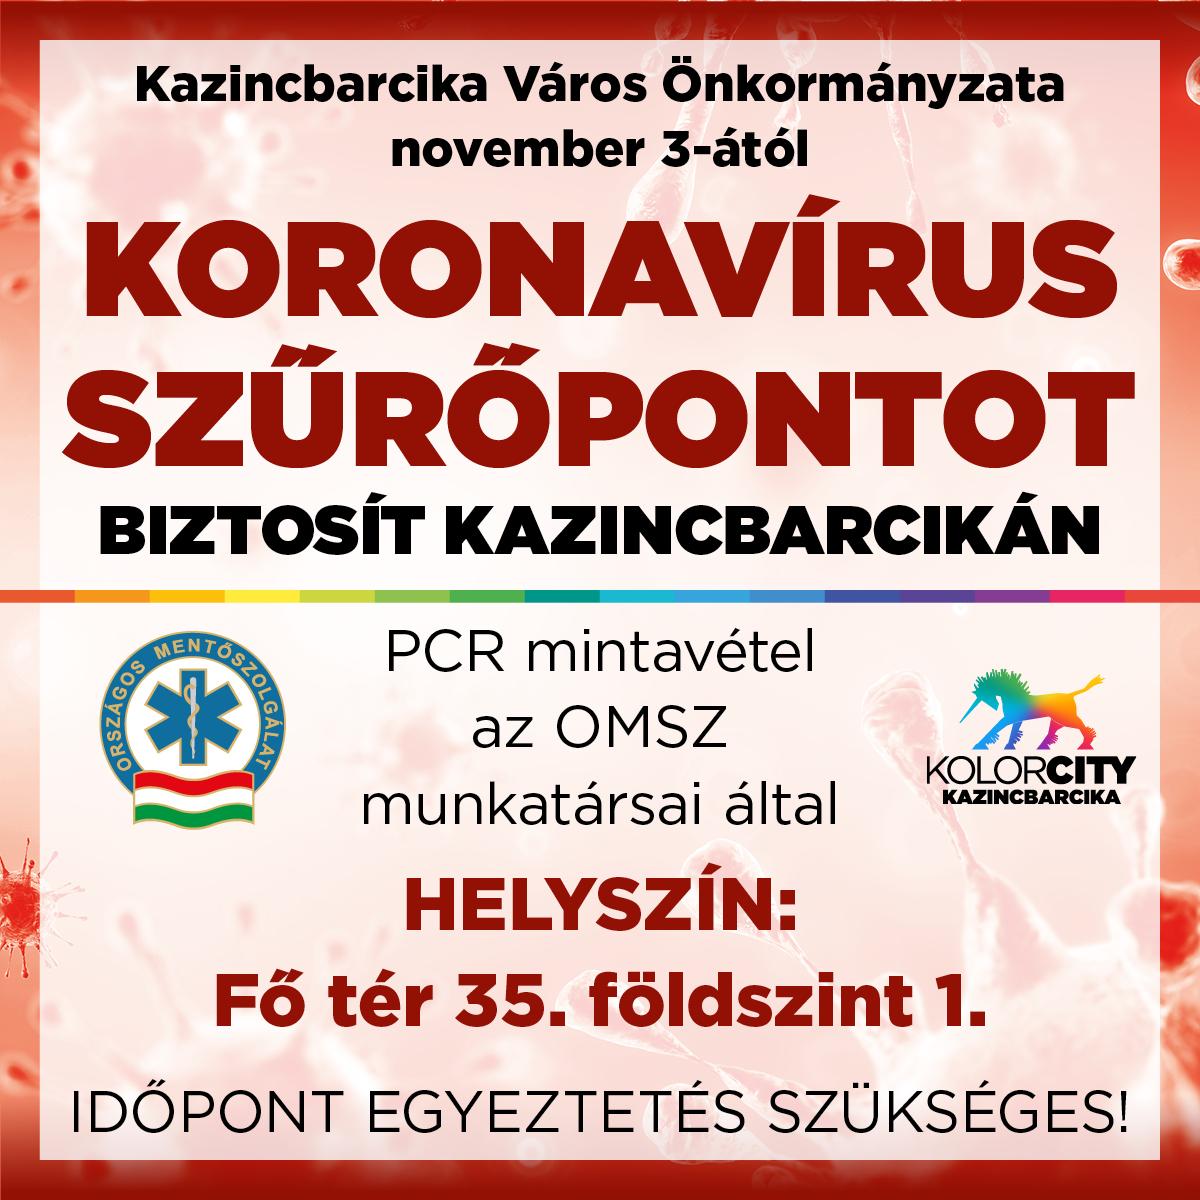 https://kolorline.hu/Kazincbarcika Város Önkormányzata november 3-ától koronavírus szűrőpontot biztosít Kazincbarcikán